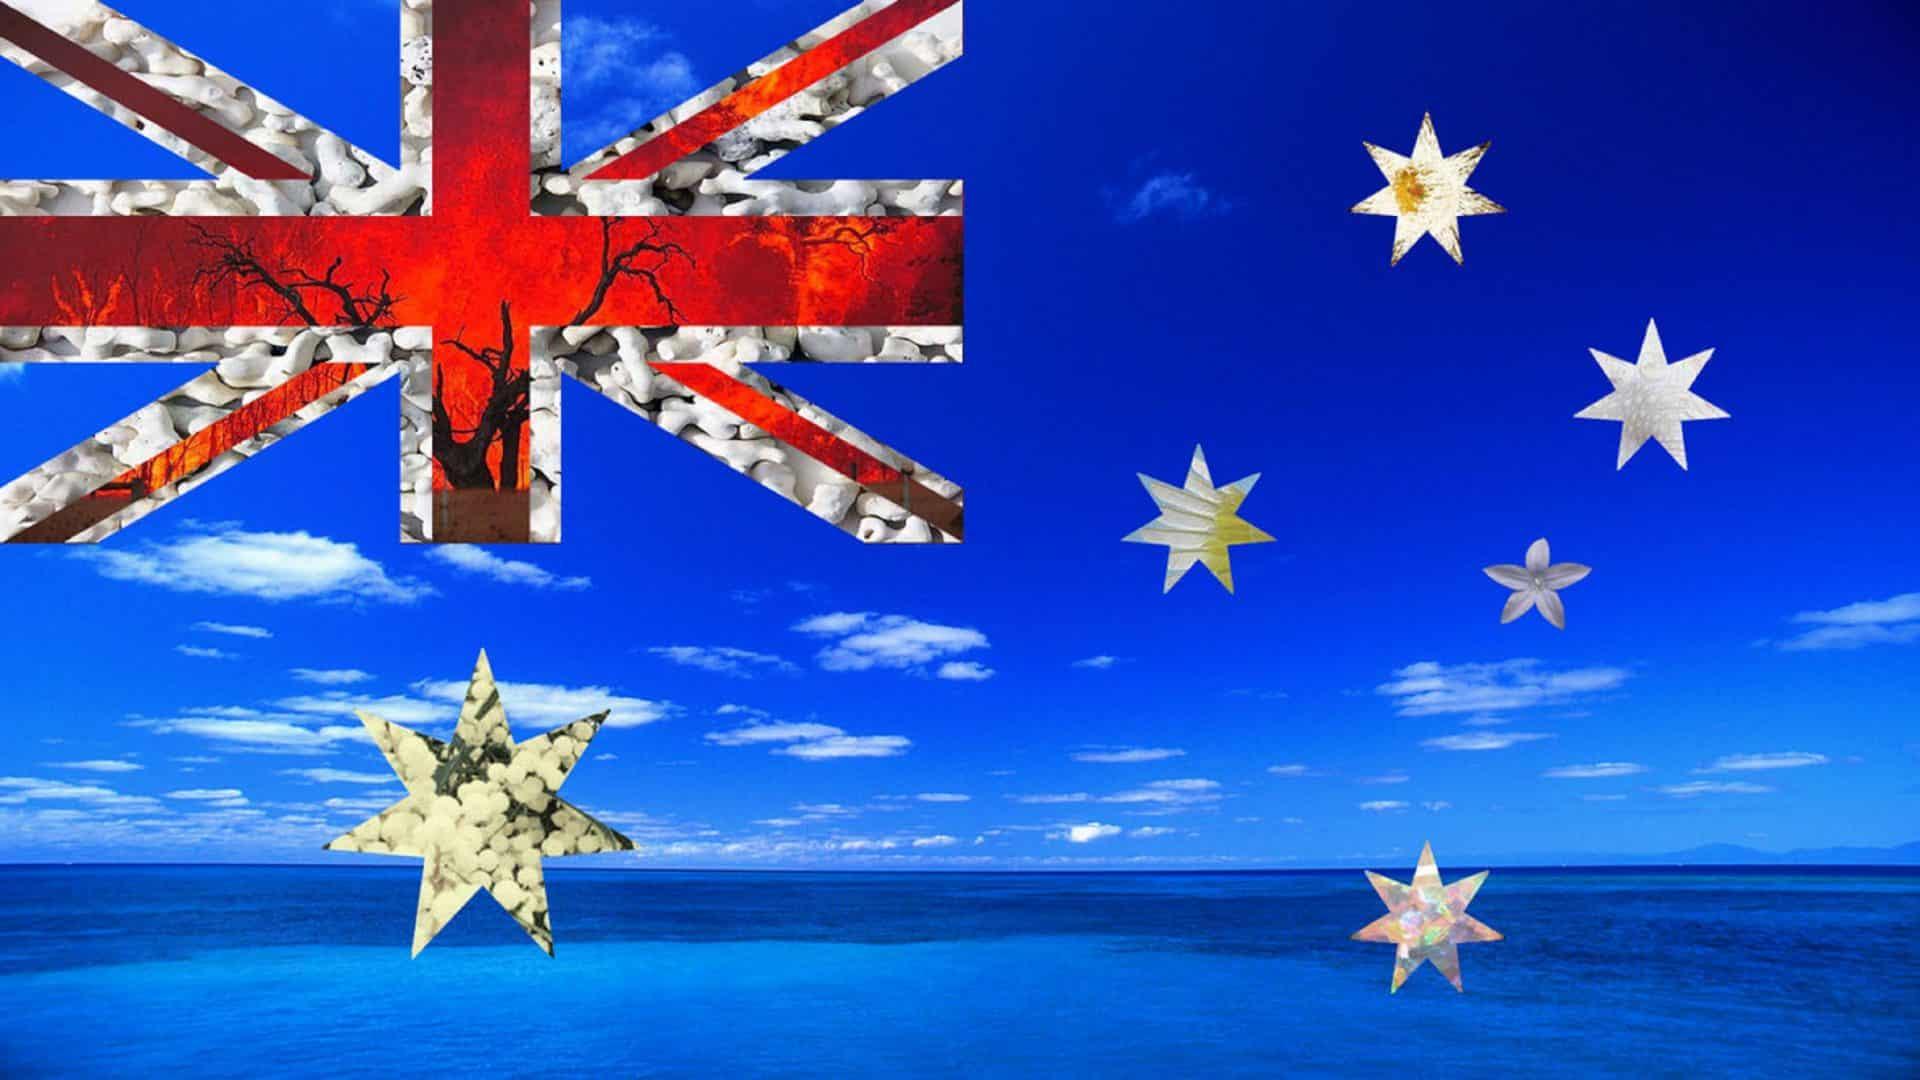 Descubra agora toda a história da bandeira da Austrália